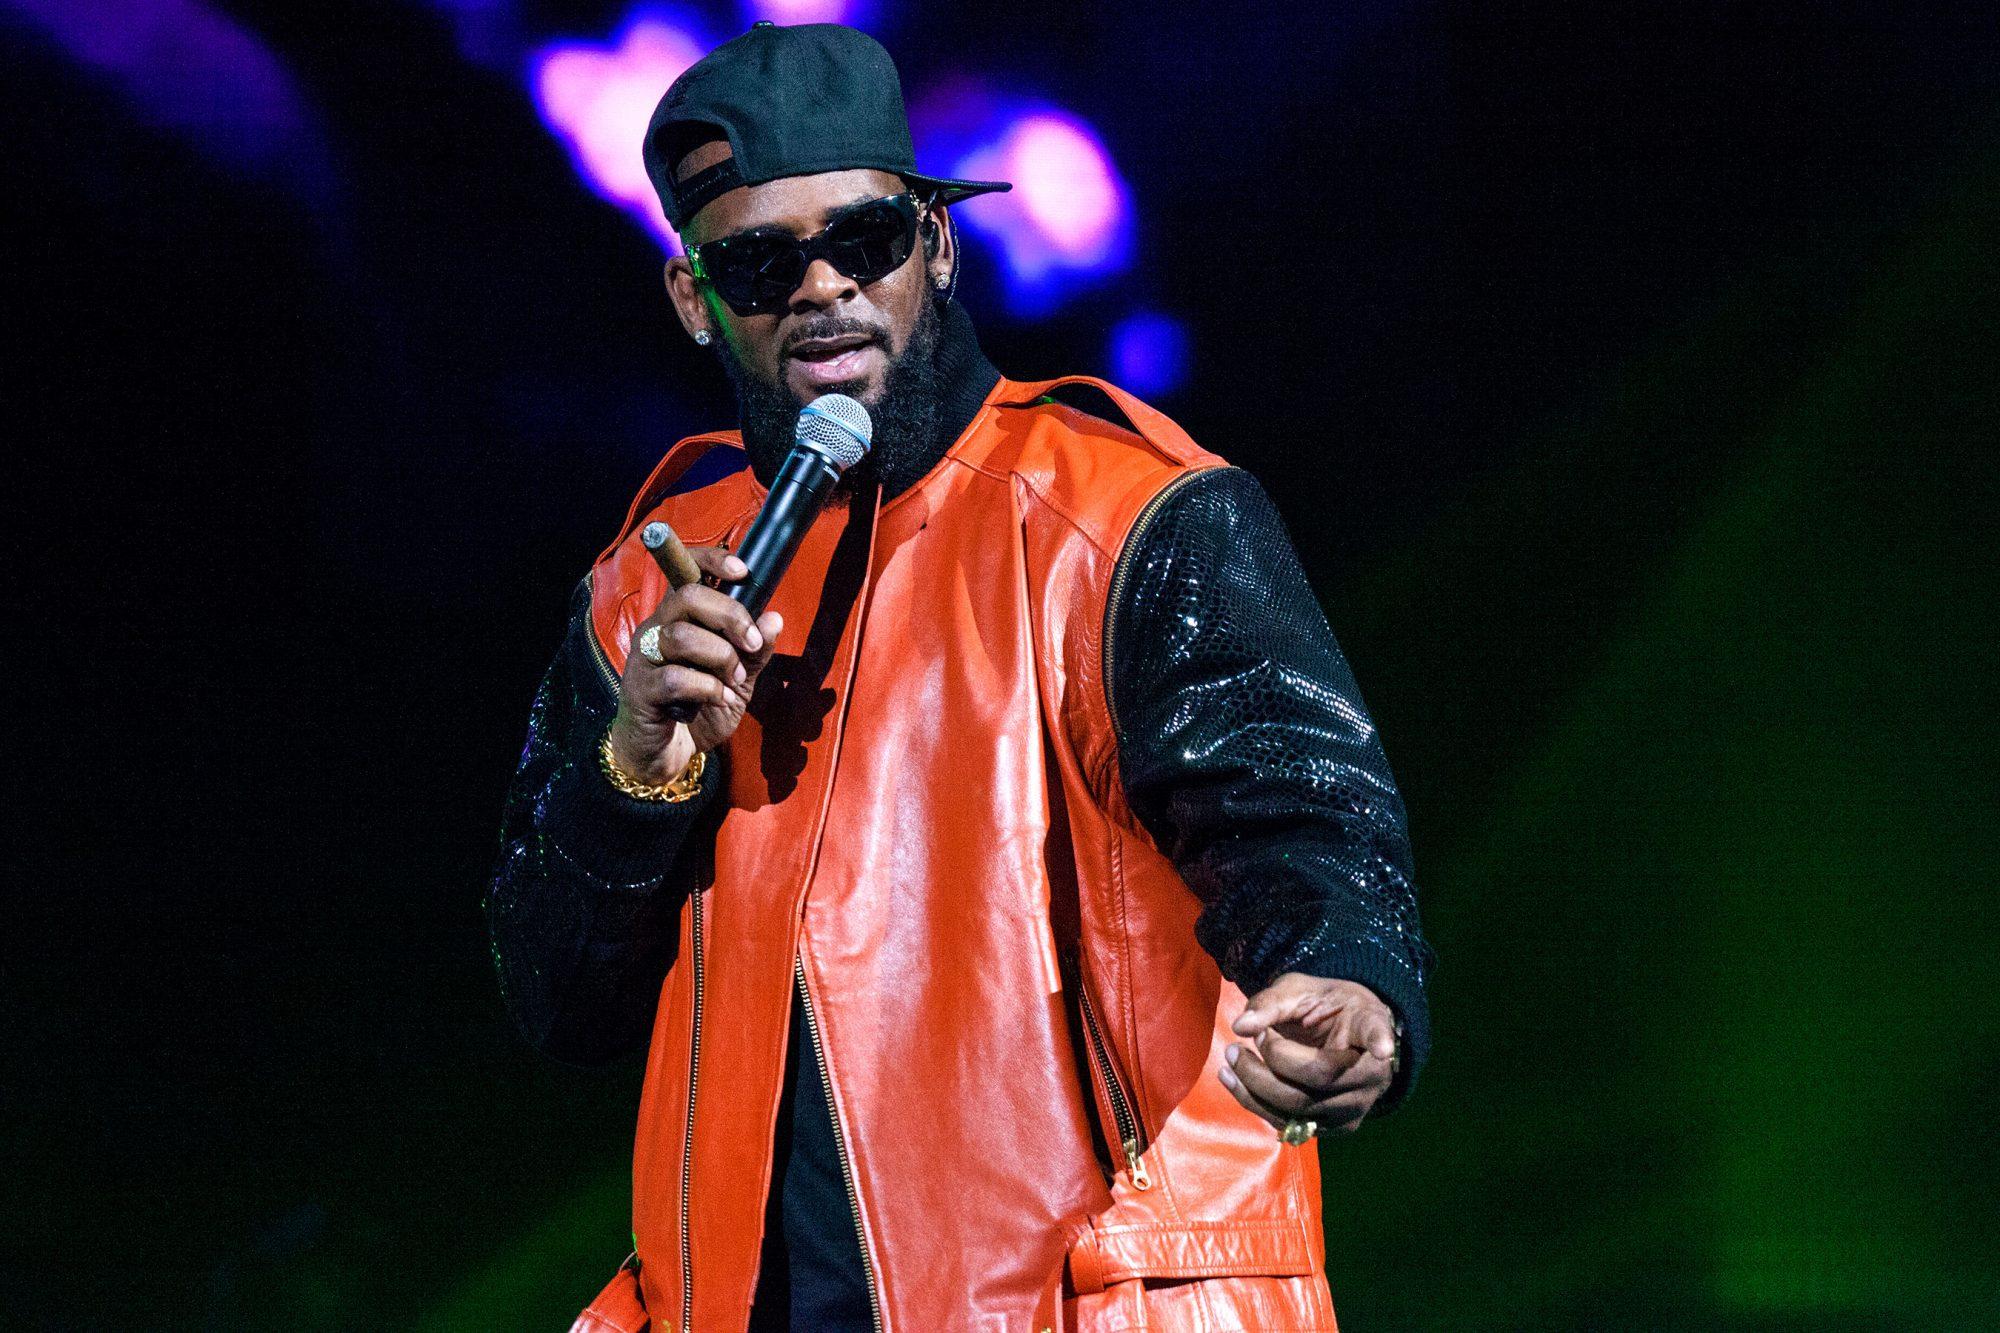 R Kelly In Concert - Brooklyn, New York